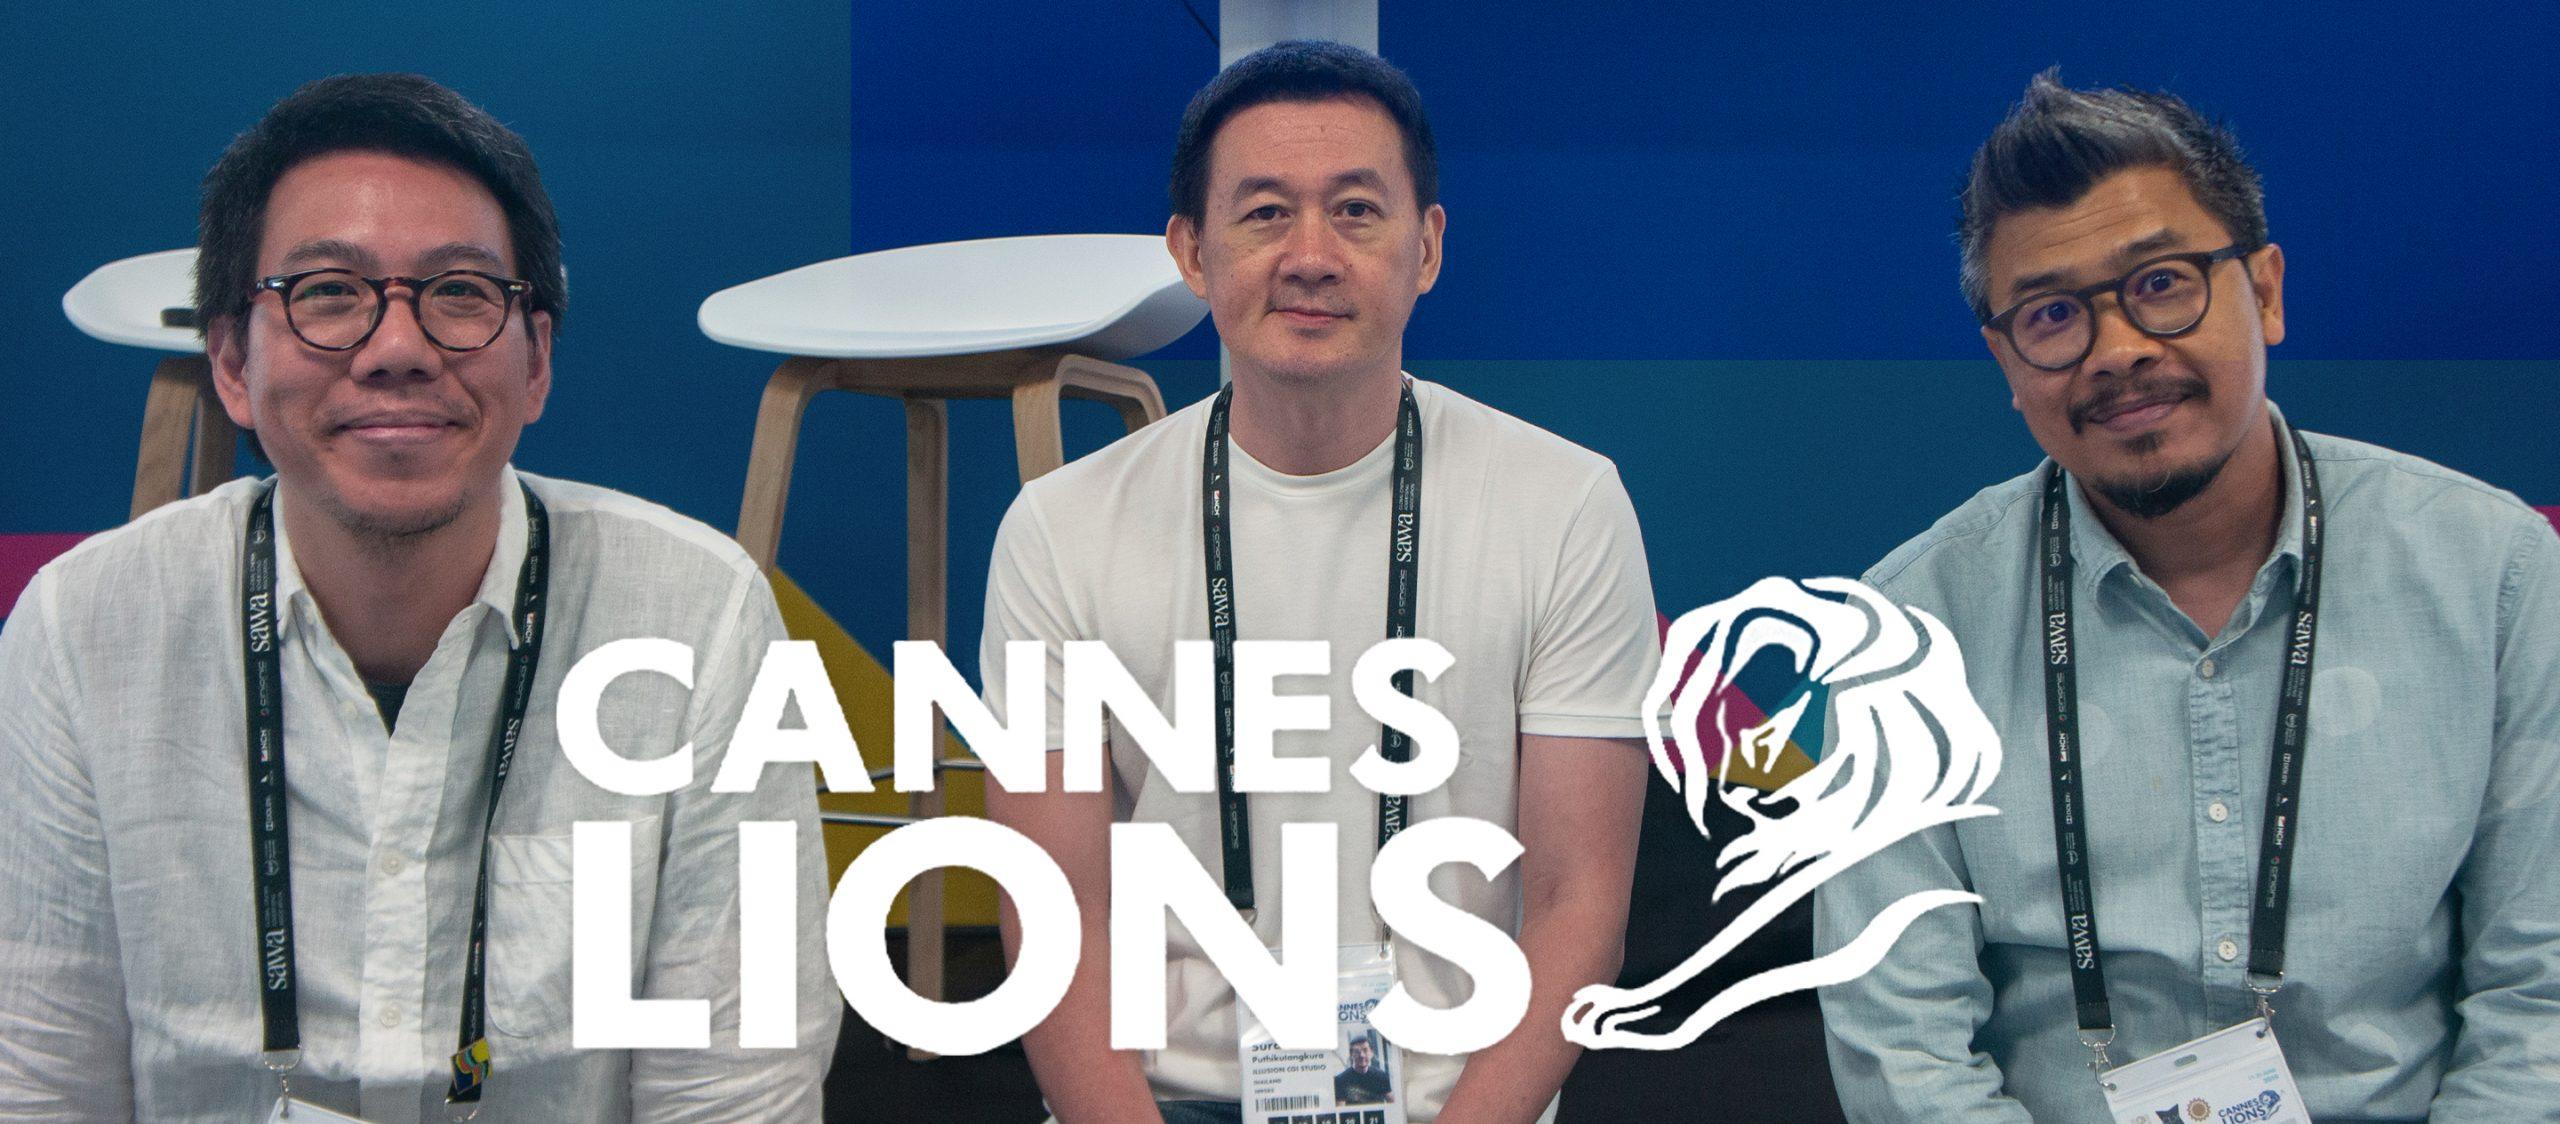 ถอดรหัสวงการโฆษณาโลกจาก Cannes Lions 2019 โดย 3 กรรมการไทยในคานส์